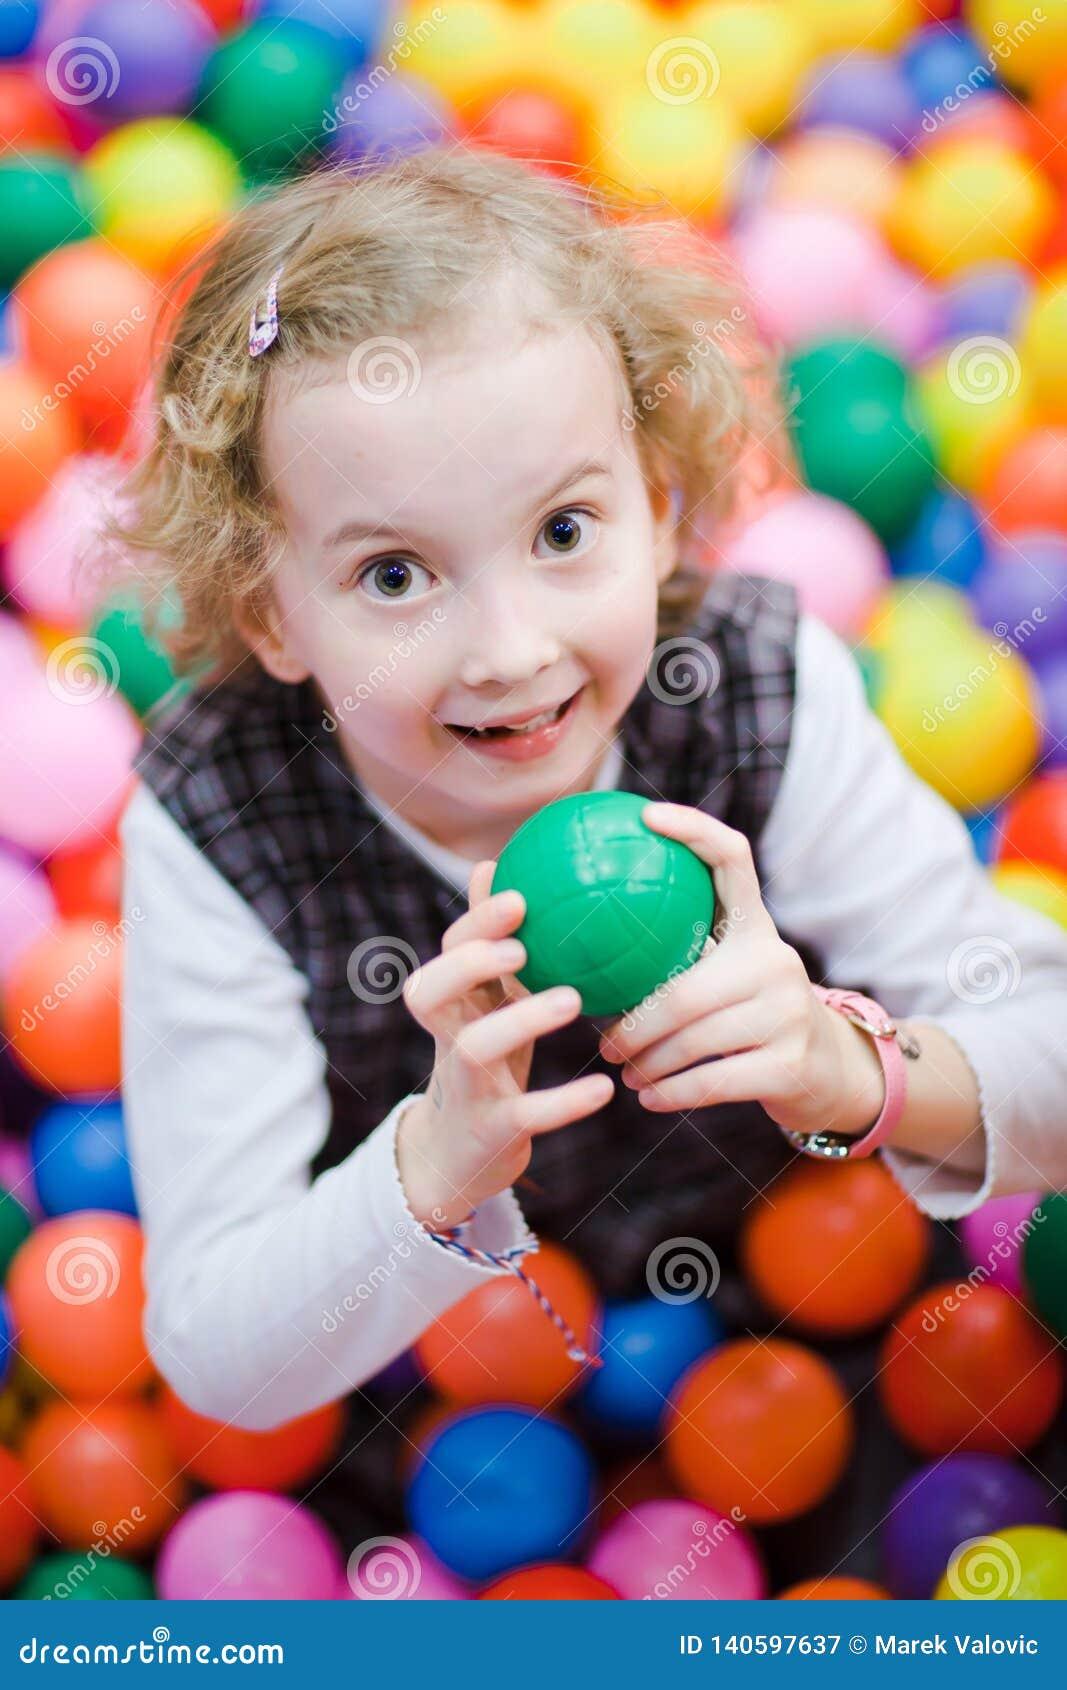 Liten le flicka som sitter bland mycket färgrika bollar - grund fokus på ögon